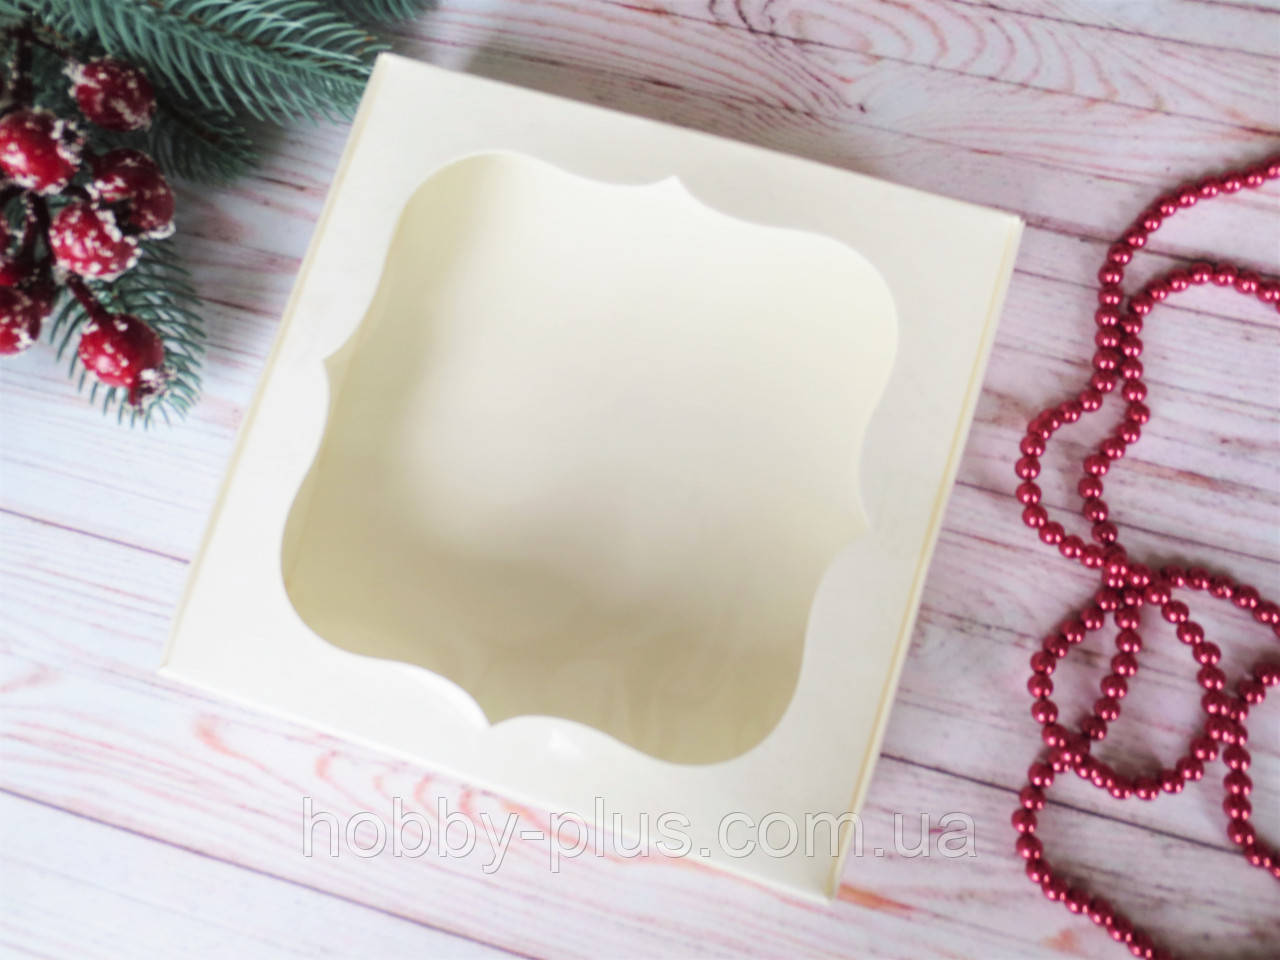 Коробка для изделий ручной работы с окном, 150х150х30 мм, цвет молочный, 1шт